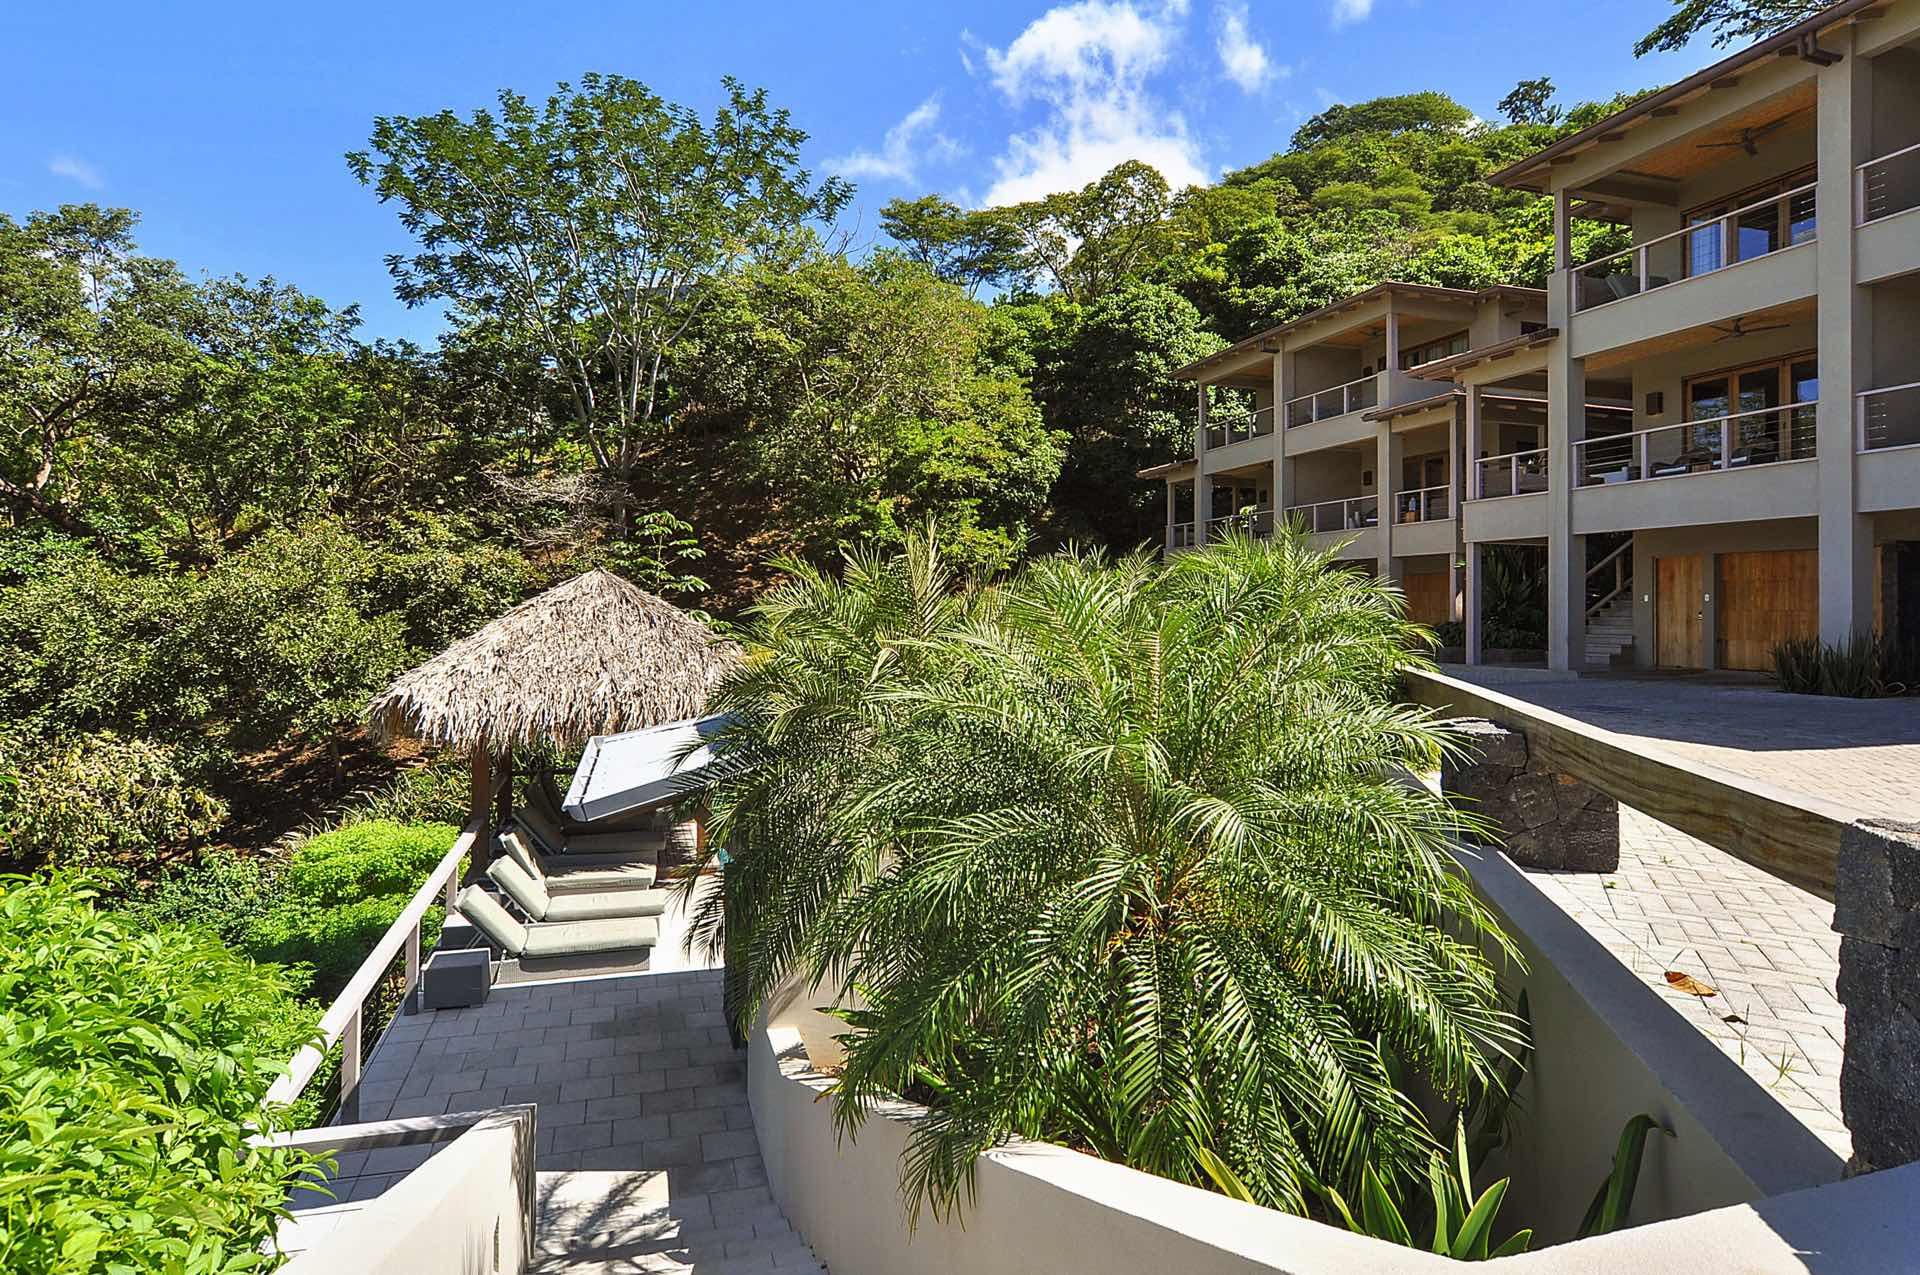 The Las Mareas Villas community